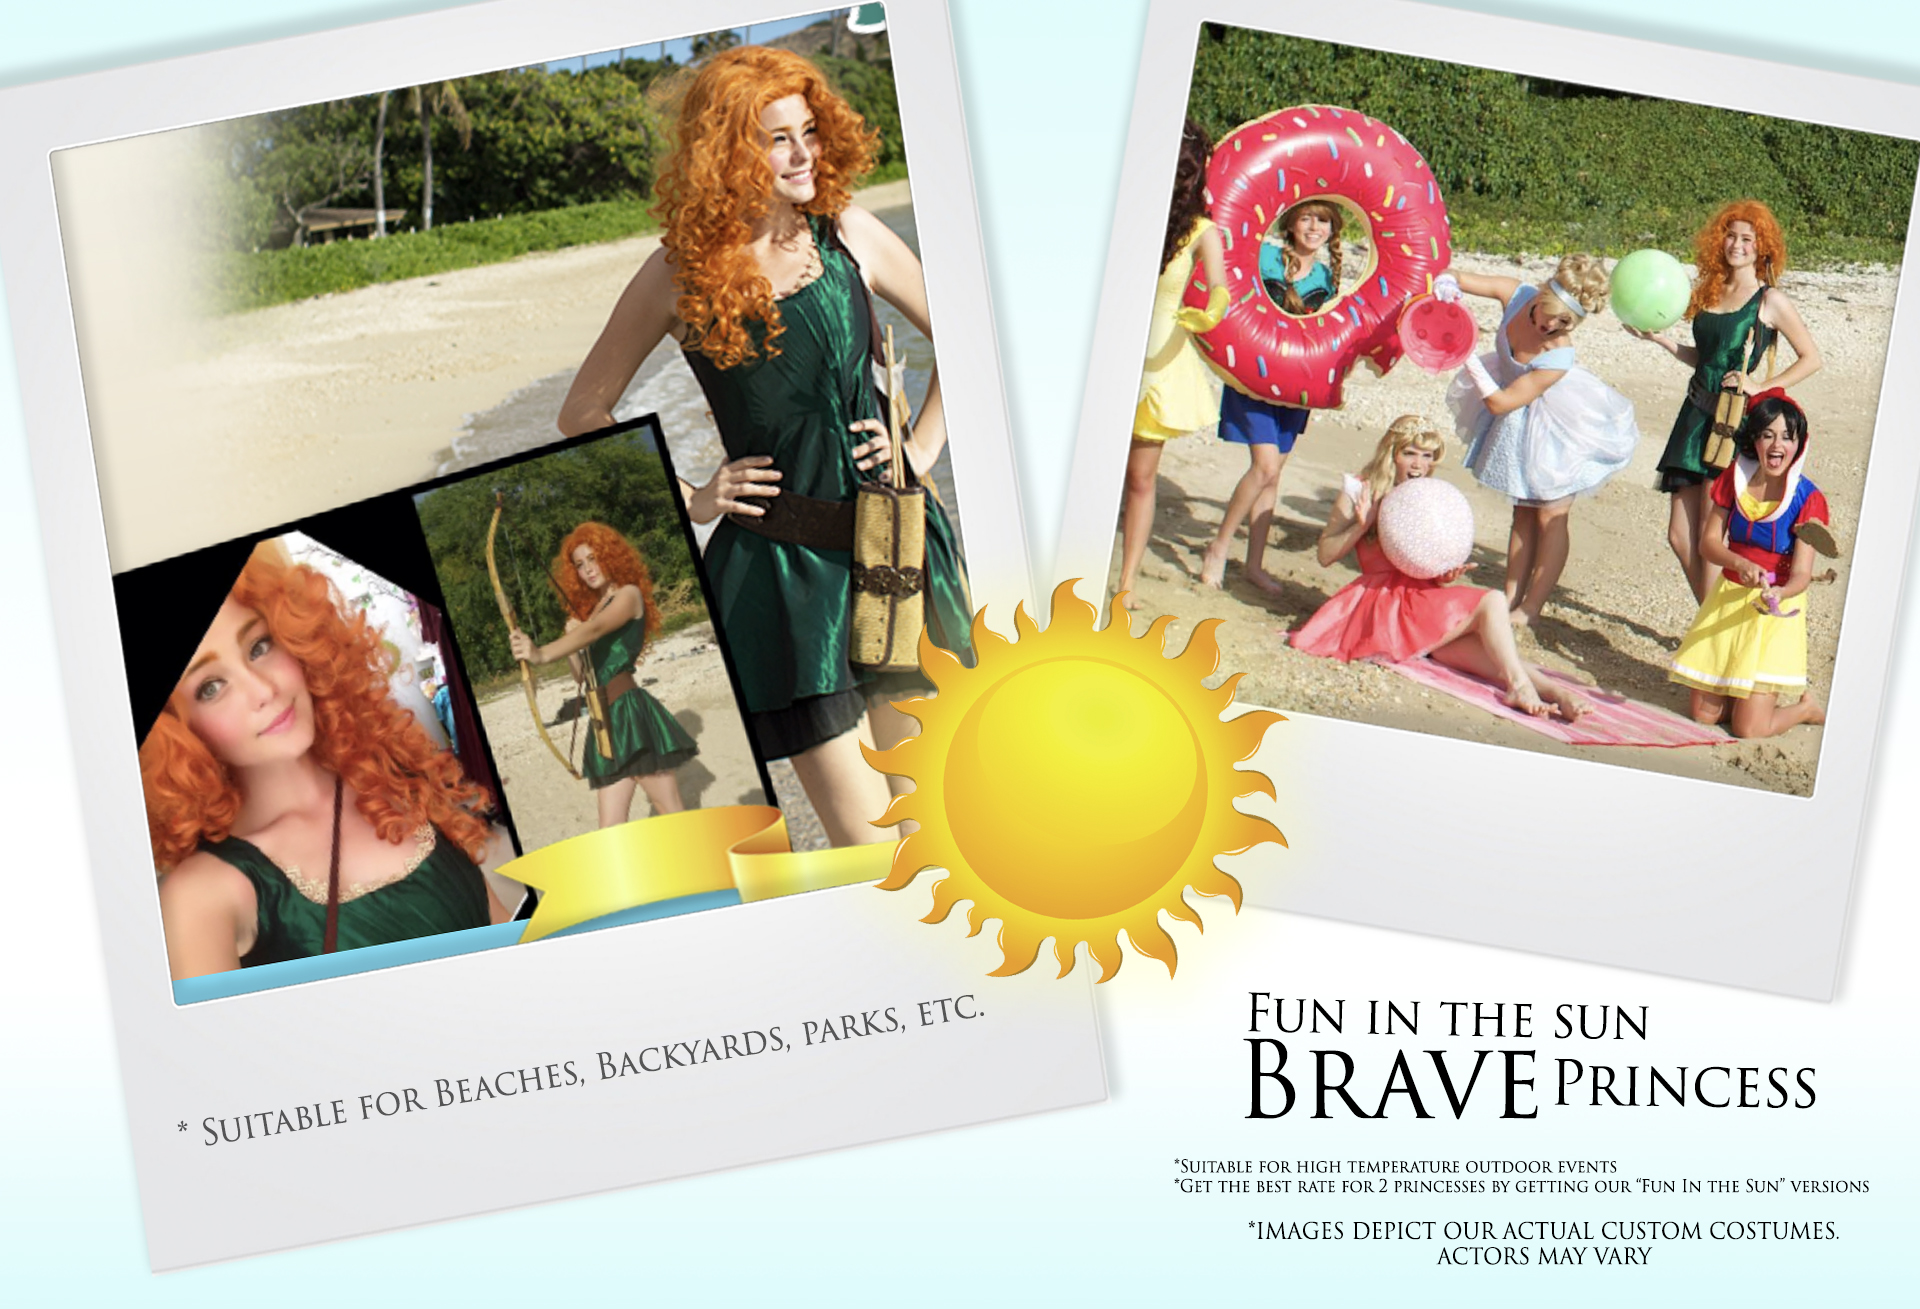 Fun in the Sun Brave Princess